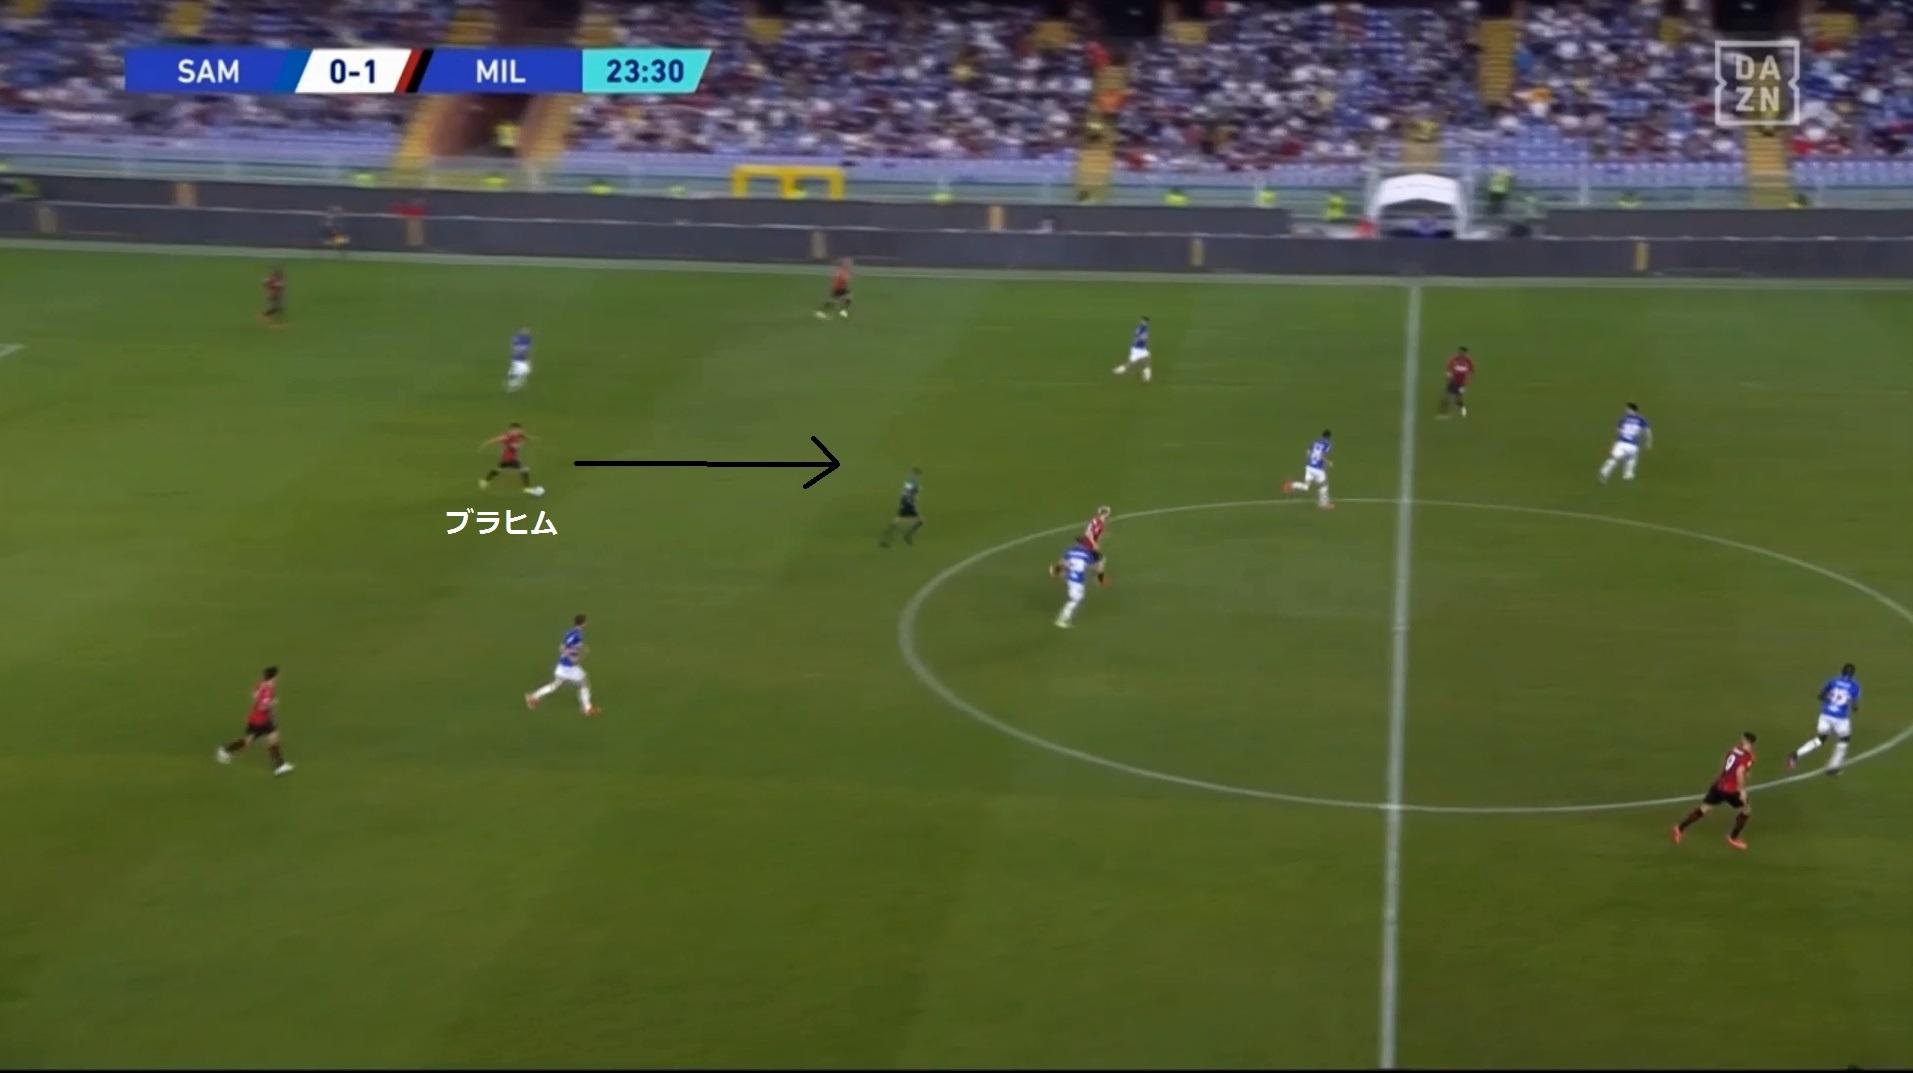 【21-22シーズン】サンプドリア対ミラン_戦術分析11